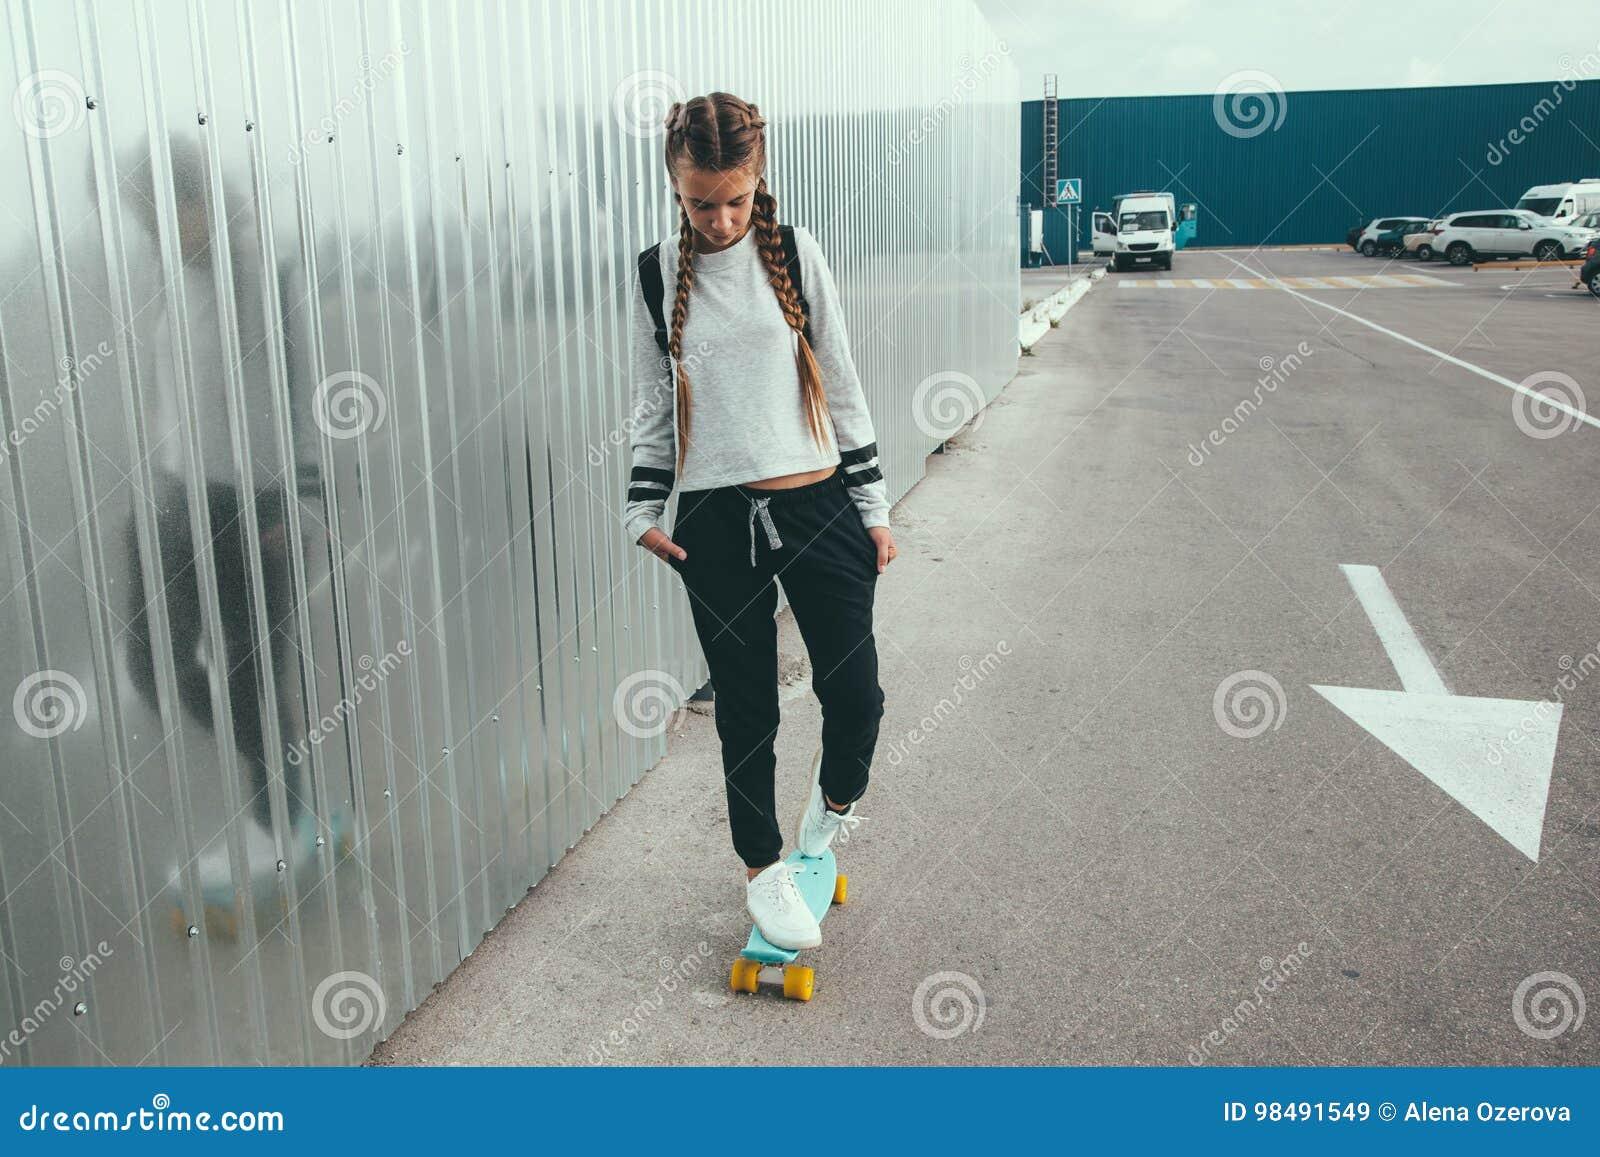 7e436da5d92 11-12 years old tween girl wearing fashion sportswear rollerskating on  skateboard in the city street